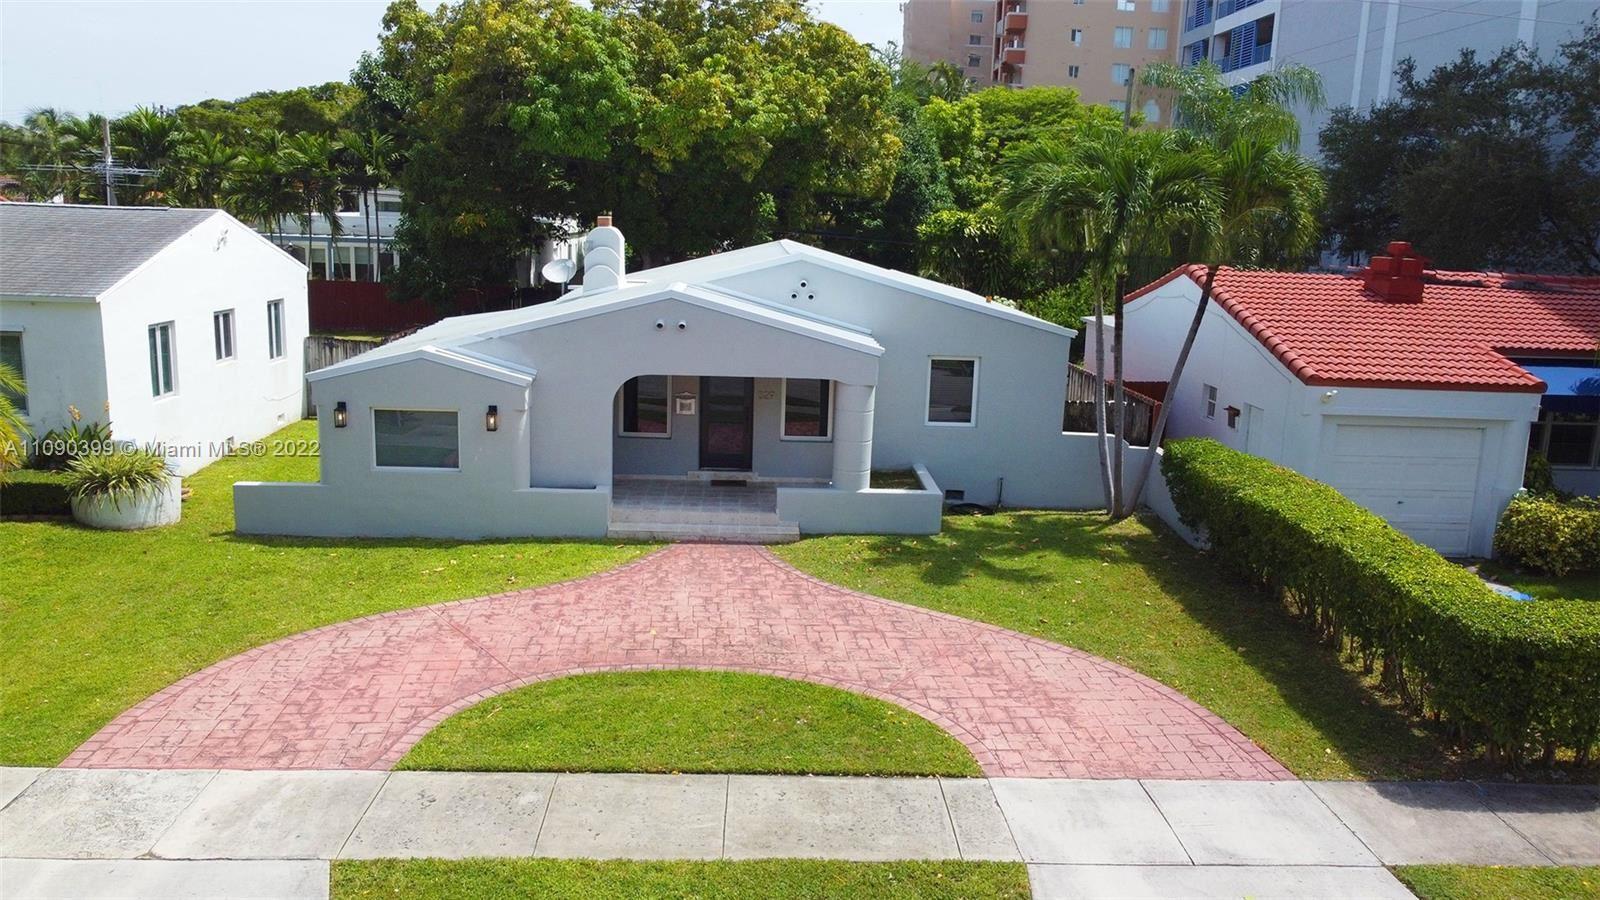 329 SW 32nd Rd, Miami, FL 33129 - #: A11090399